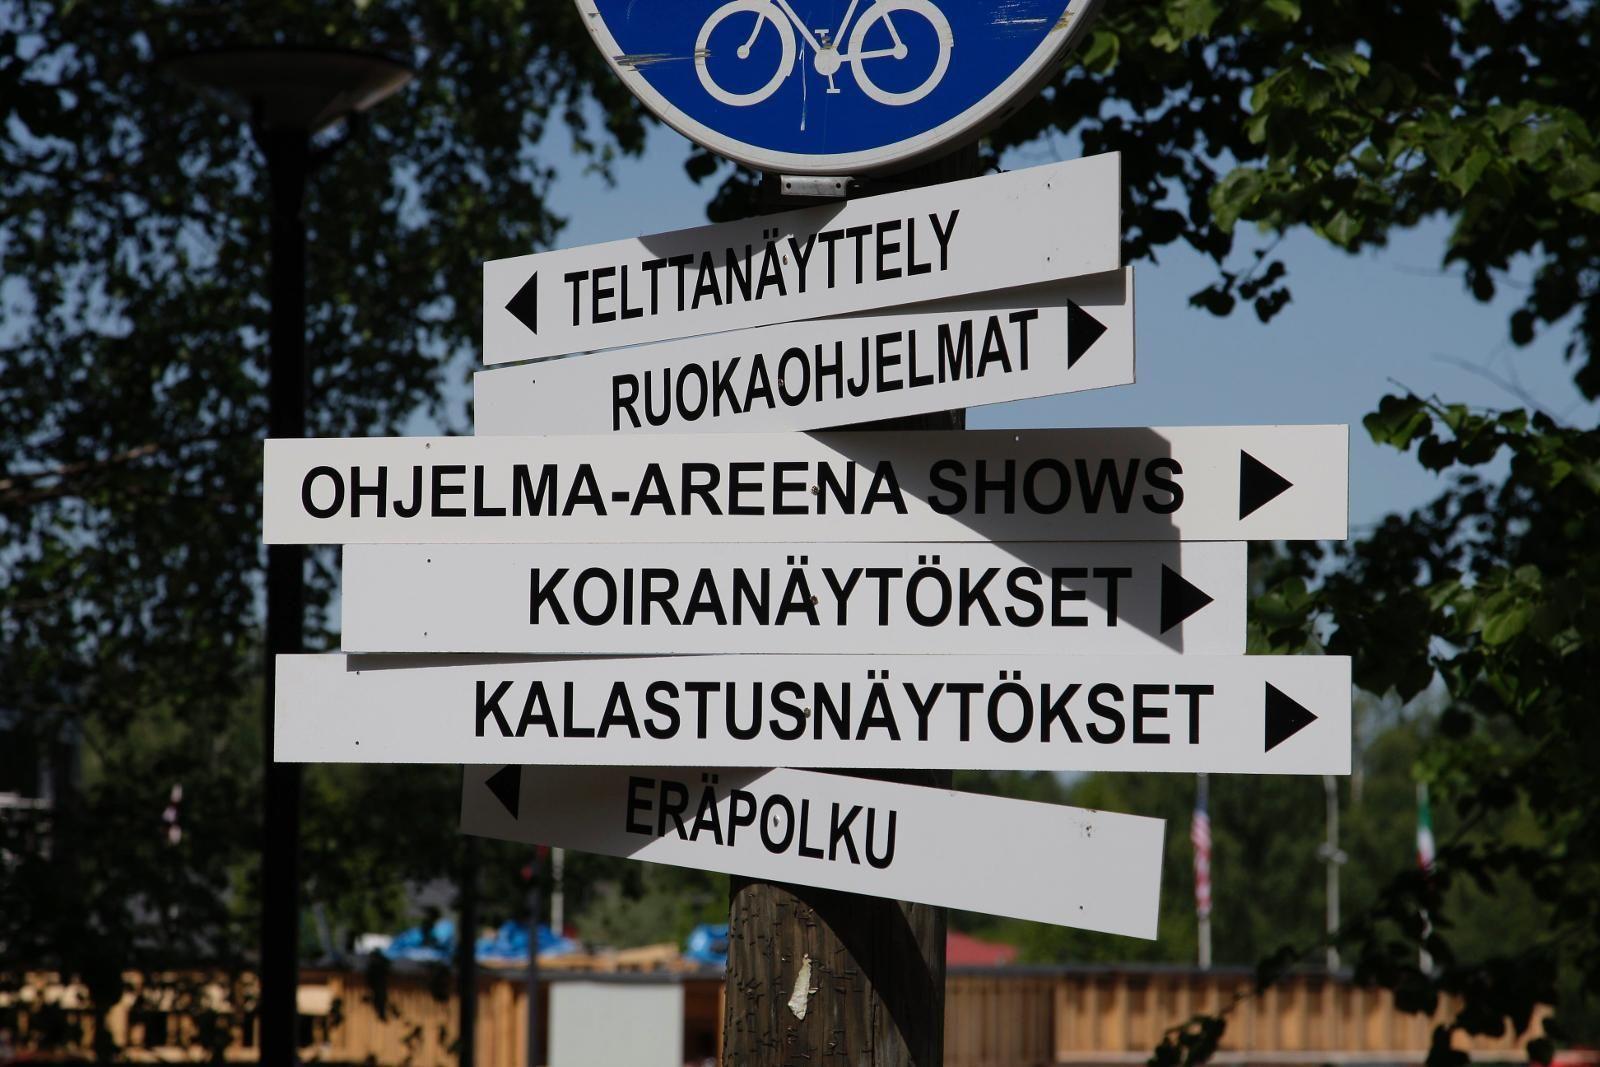 Kuva: Kankaanpää Jaana